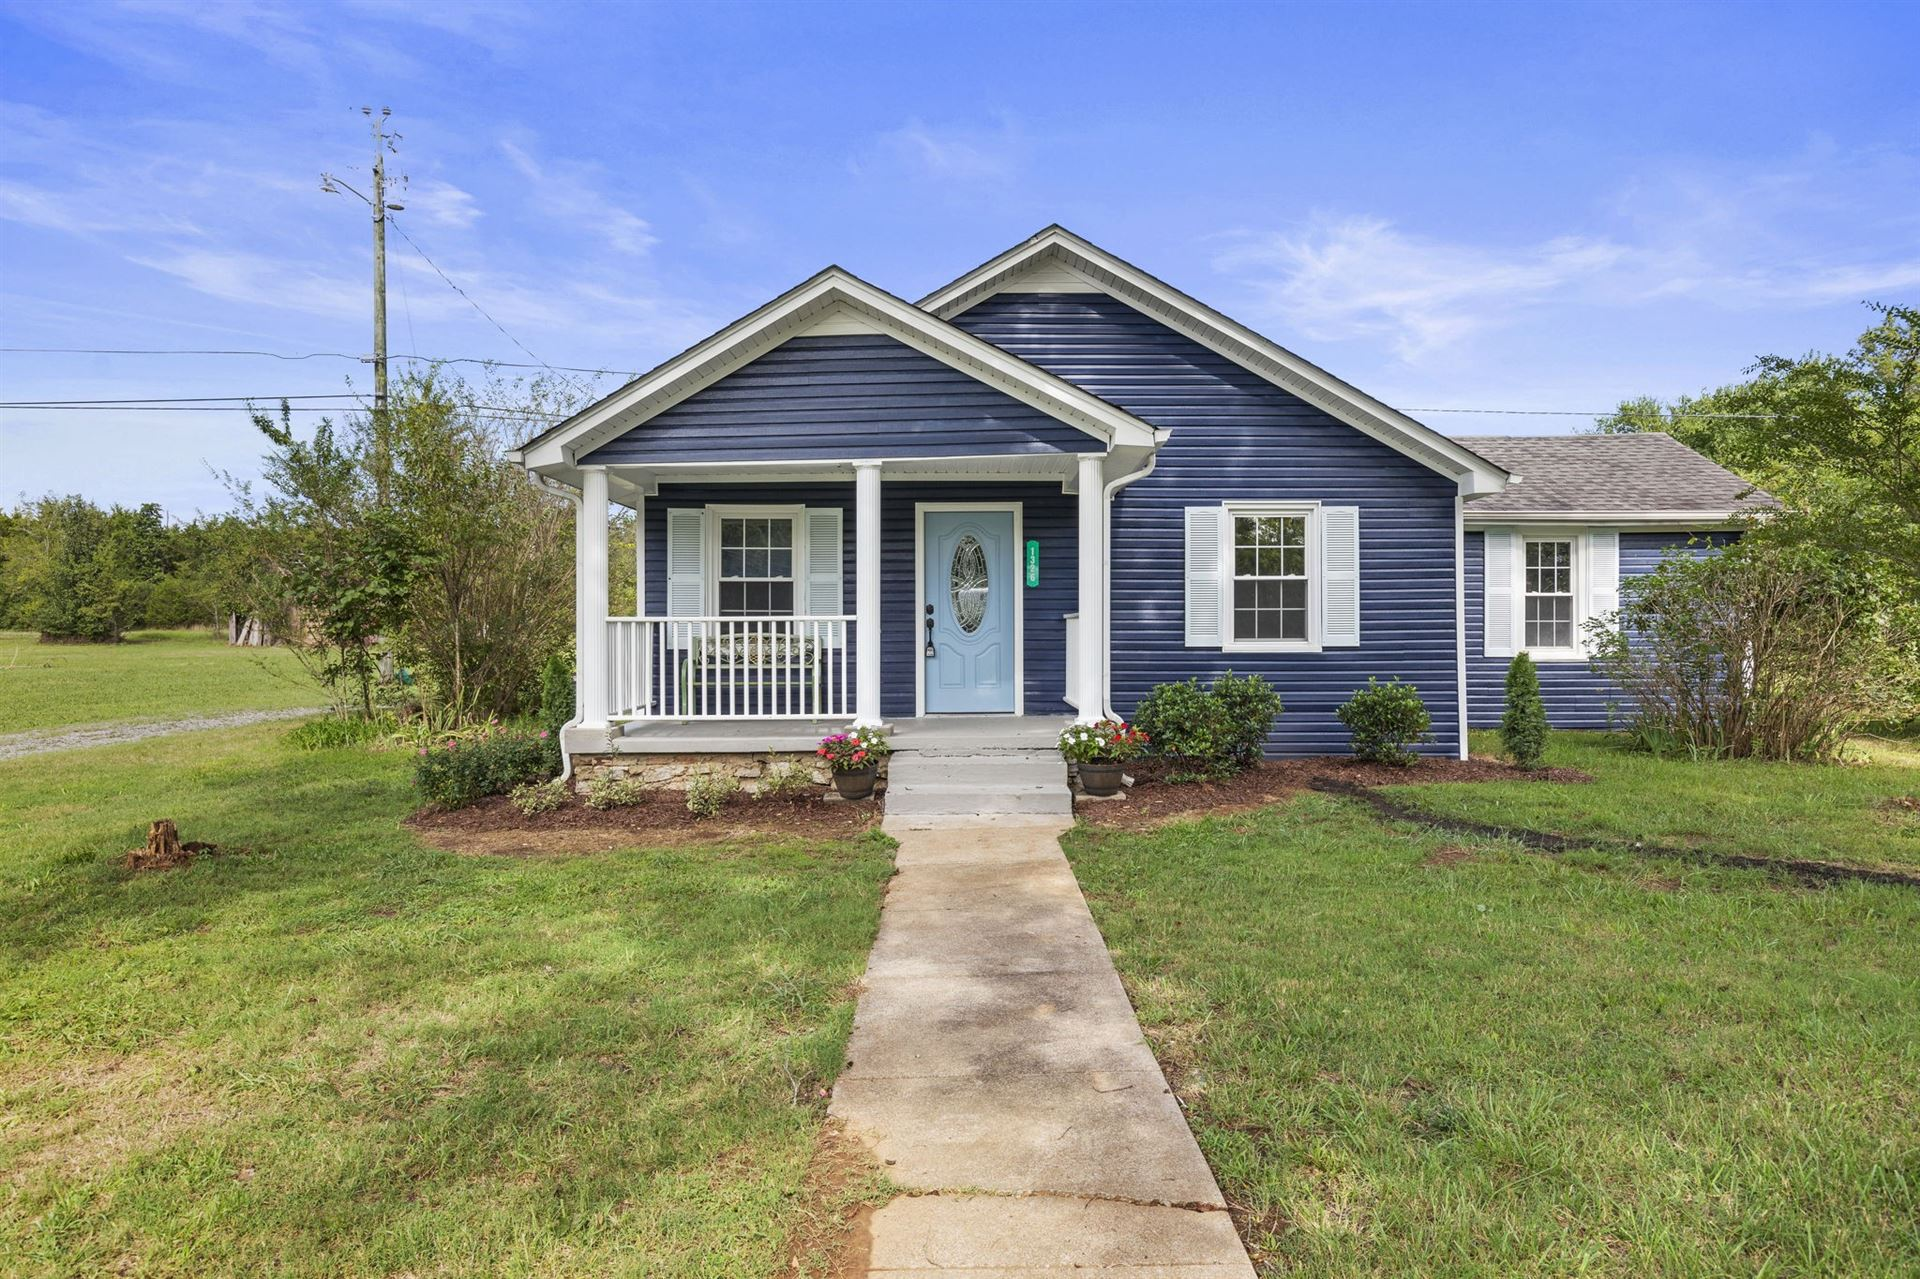 1326 Flat Rock Rd, Murfreesboro, TN 37130 - MLS#: 2286991